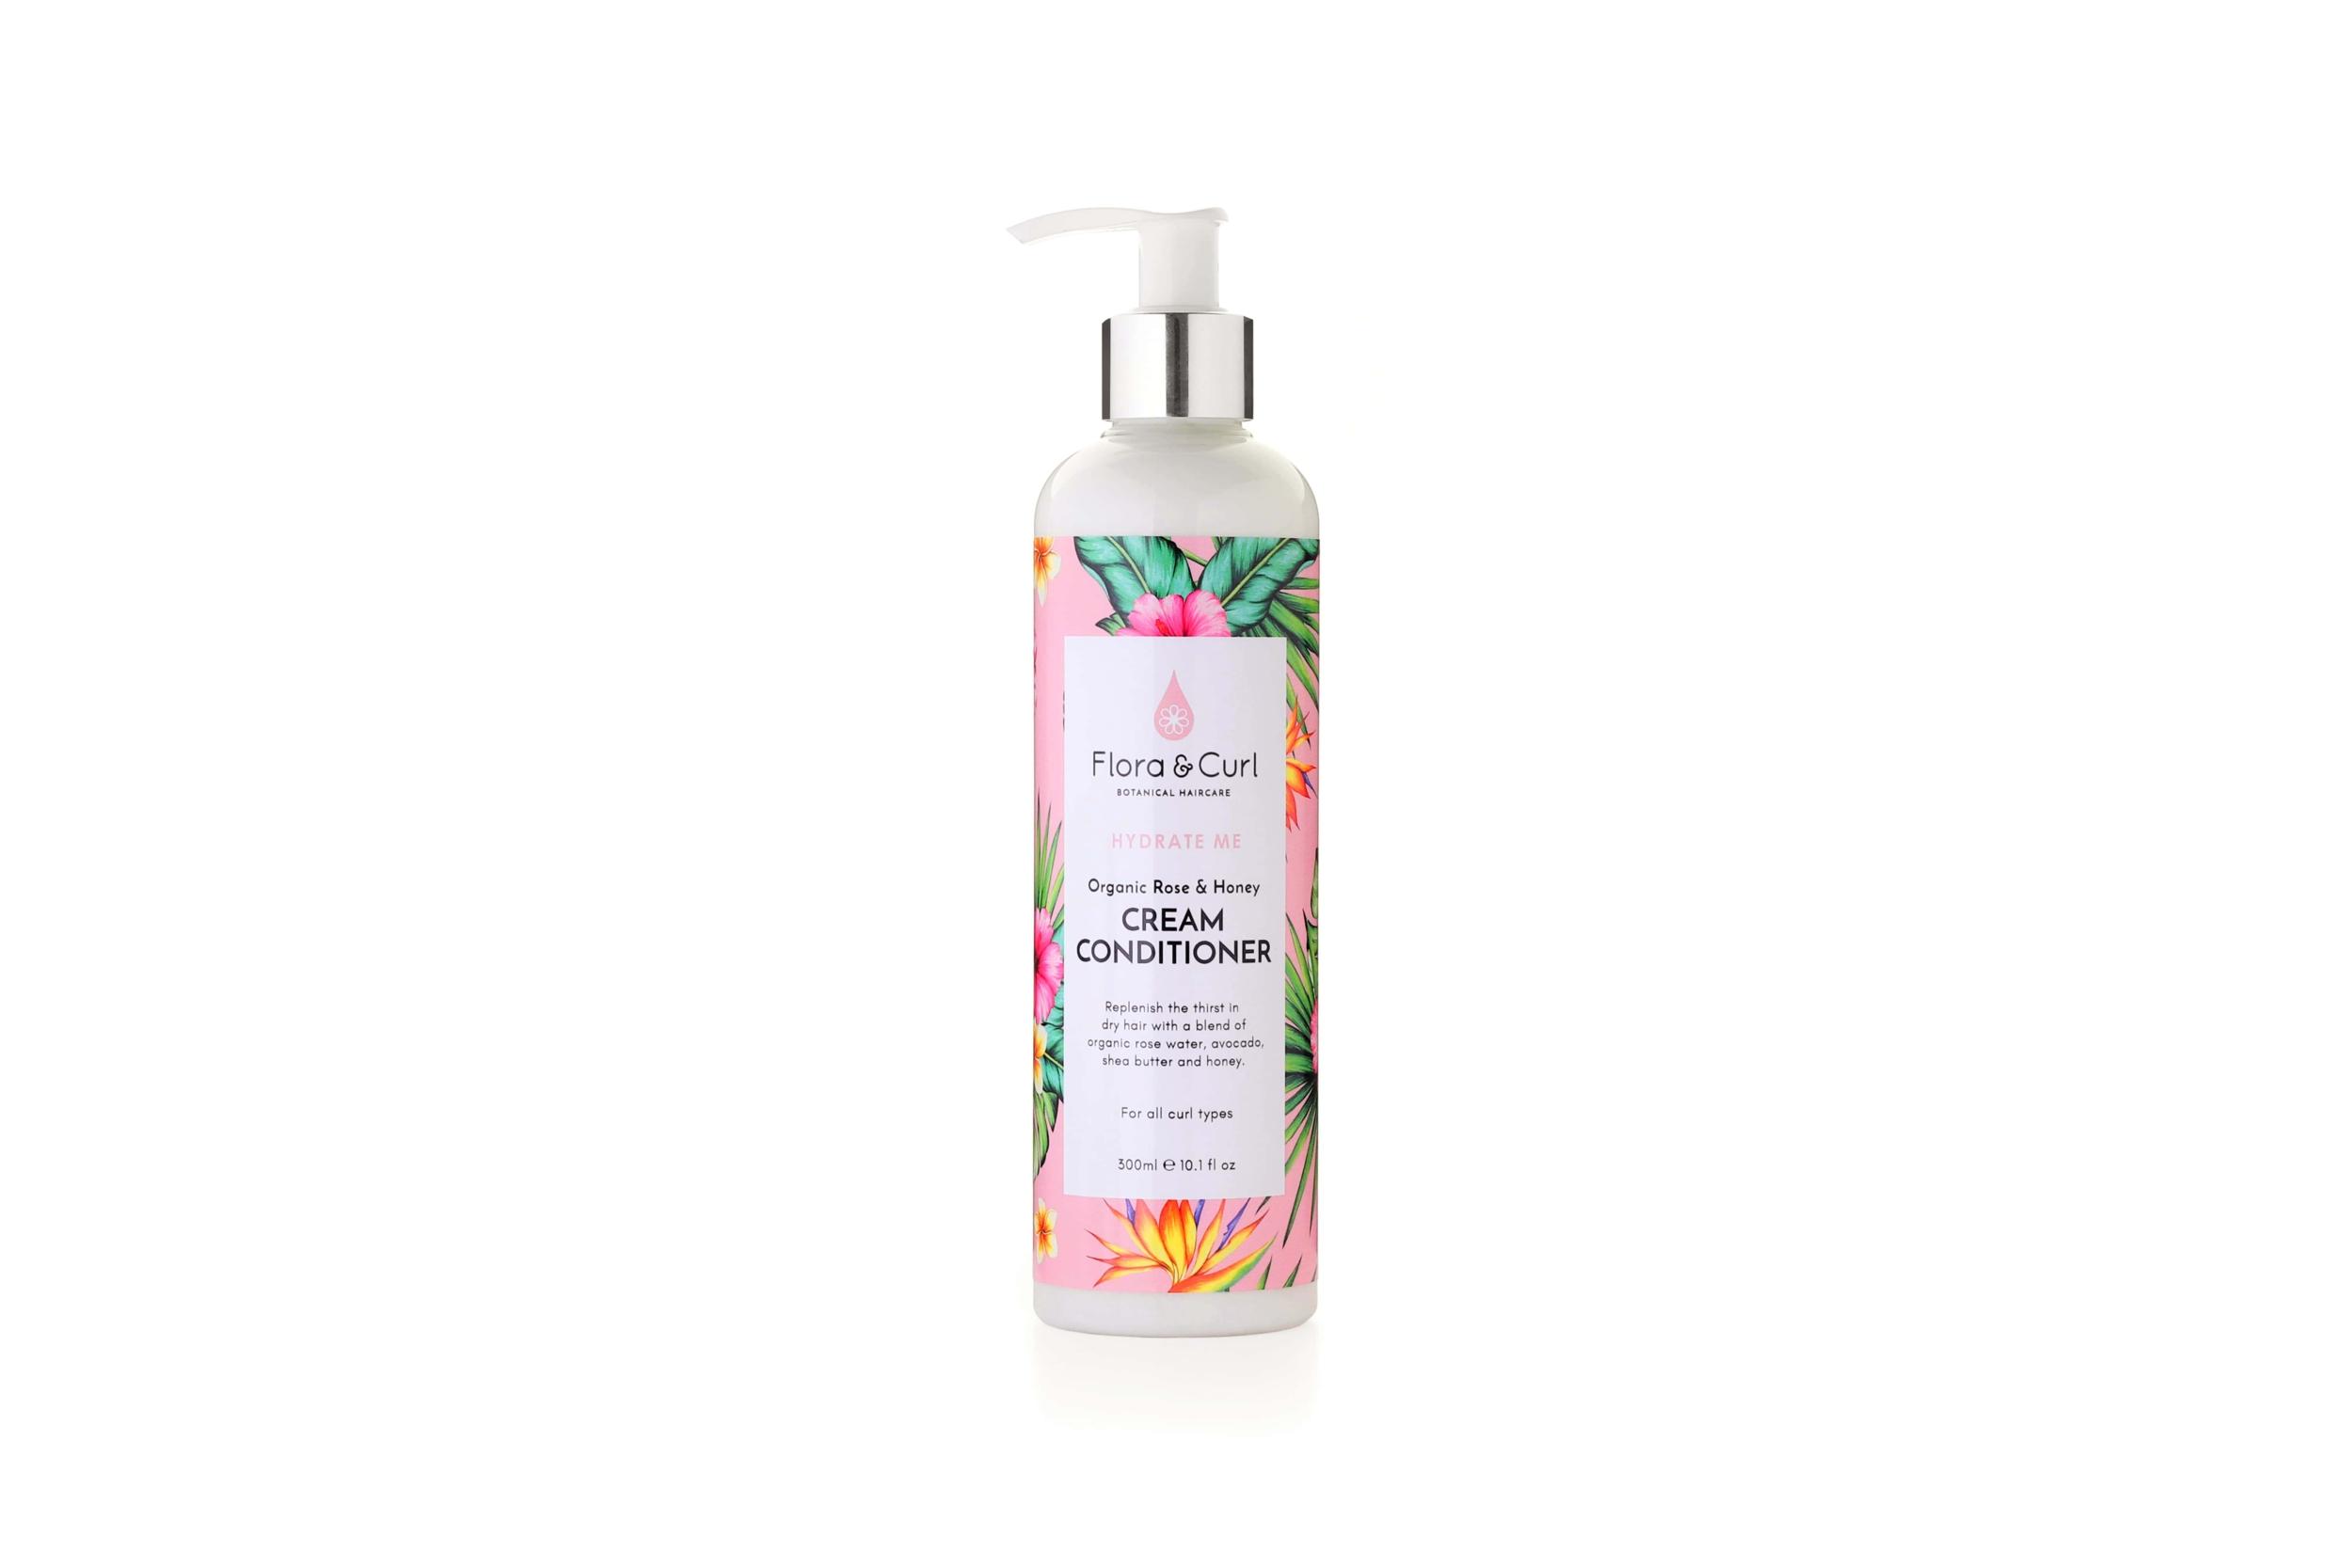 Organic Rose & Honey Cream Conditioner - Flora & Curl